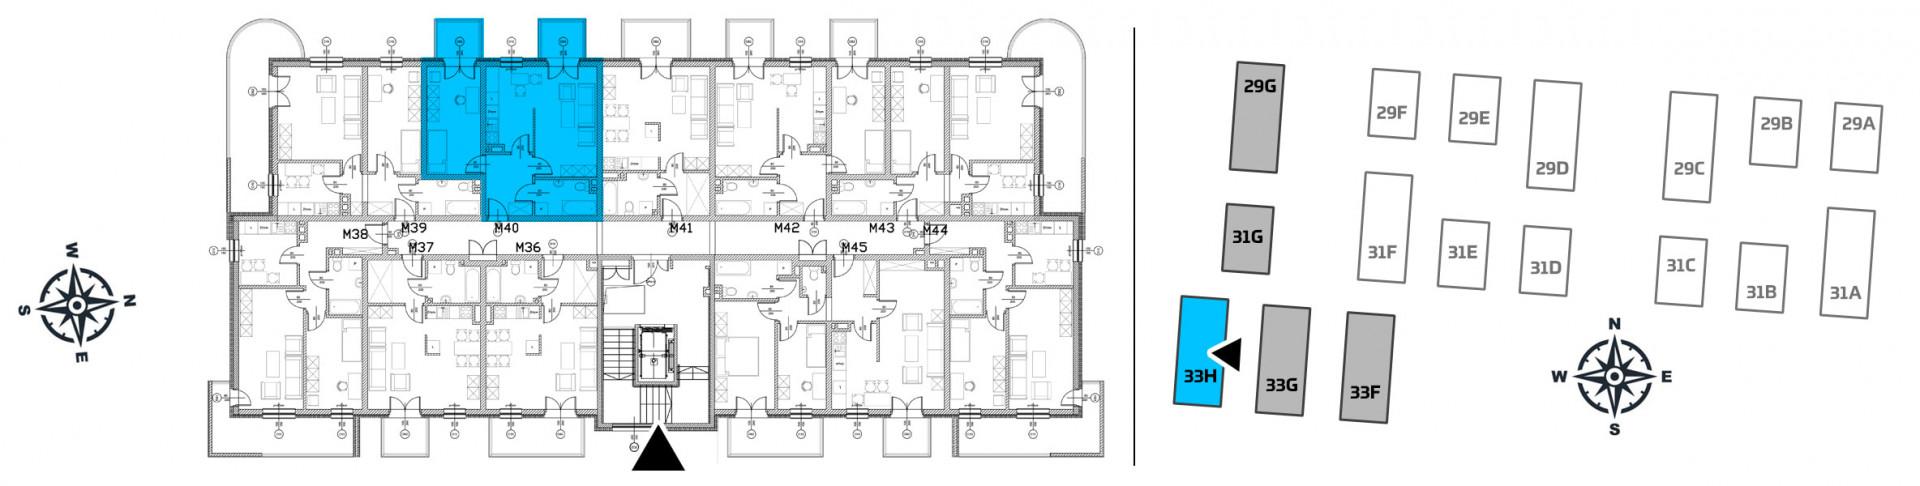 Mieszkanie dwupokojowe 33H/40 rzut 2